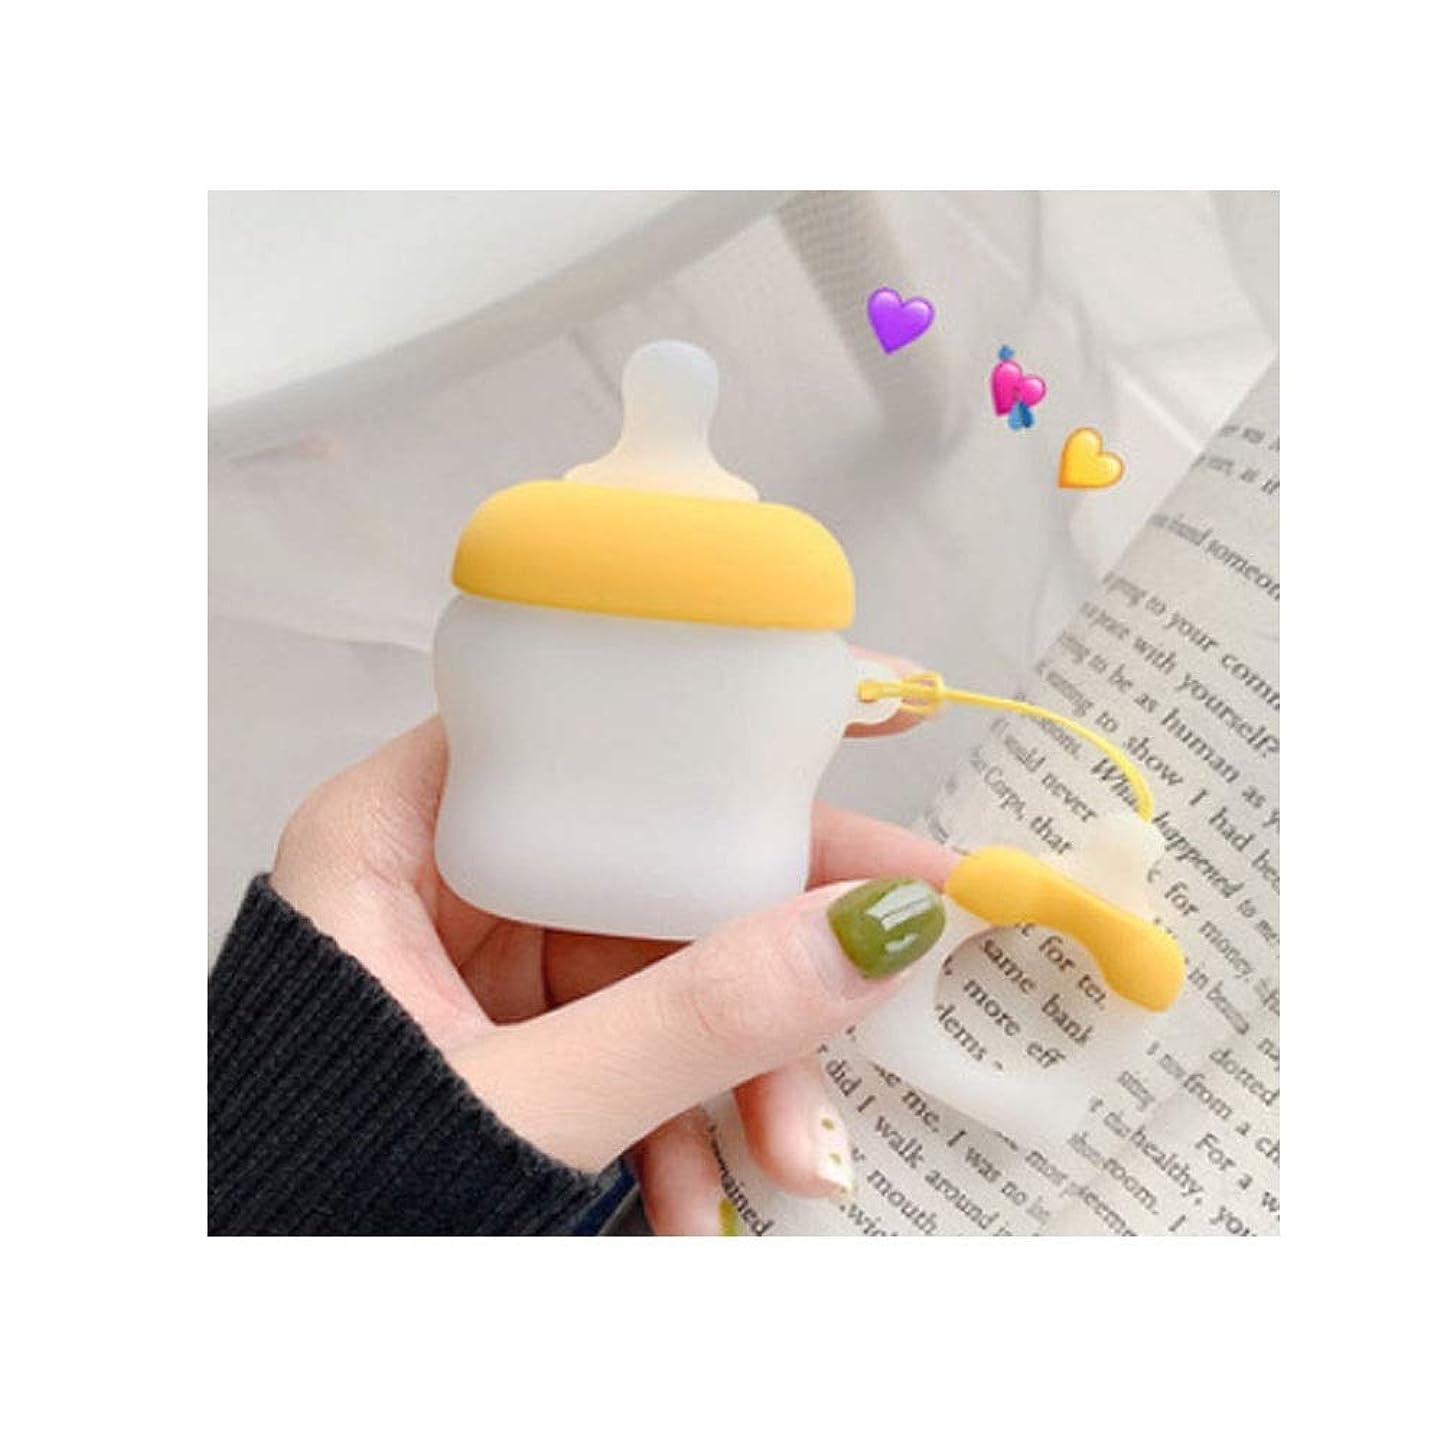 女の子。アナウンサーヘッドフォンカバー、創造的なかわいいボトルニップルAirPodイヤホンセット、パーソナライズカップルの落下防止と耐久性のあるスタイル(黄色、から選択する色の様々な) (Color : Yellow)